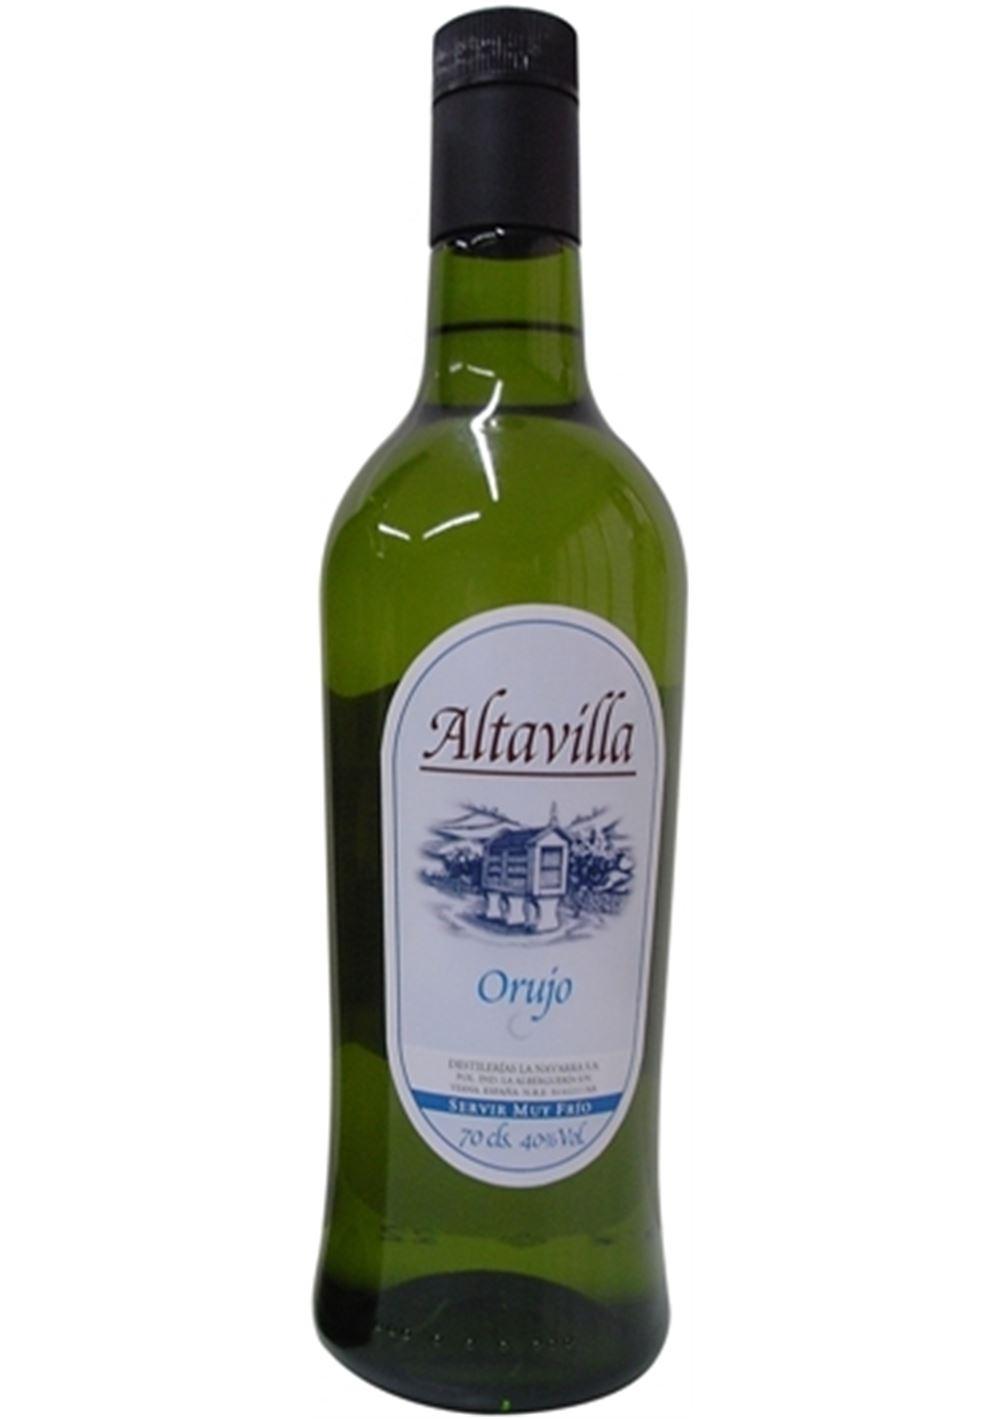 ALTAVILLA_ORUJO_BLANCO